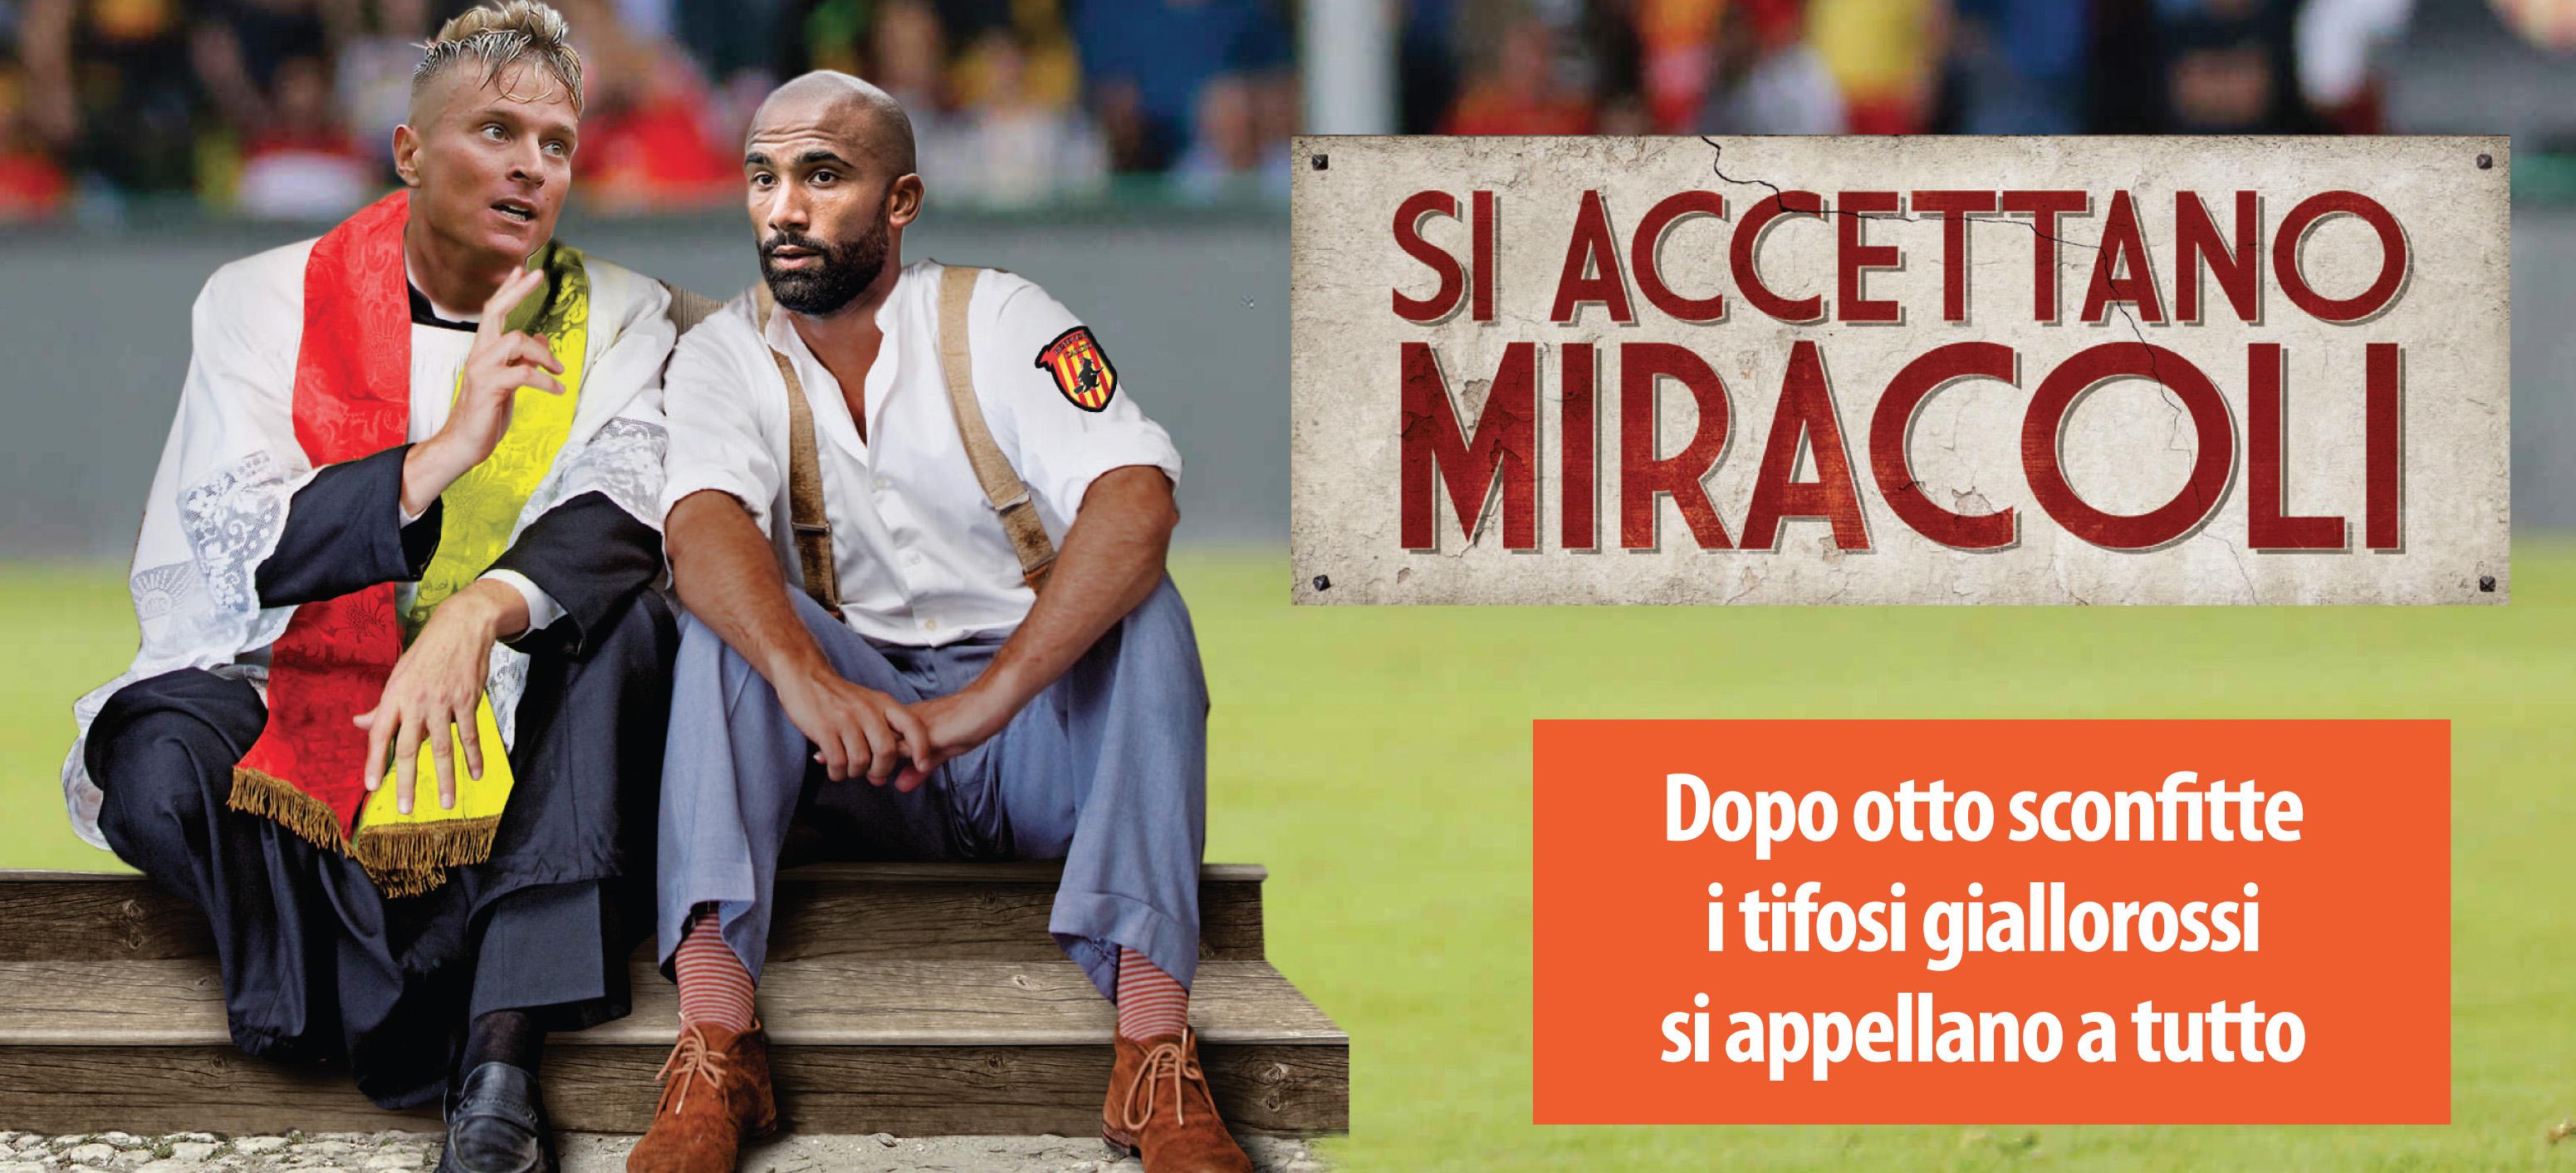 Si accettano miracoli